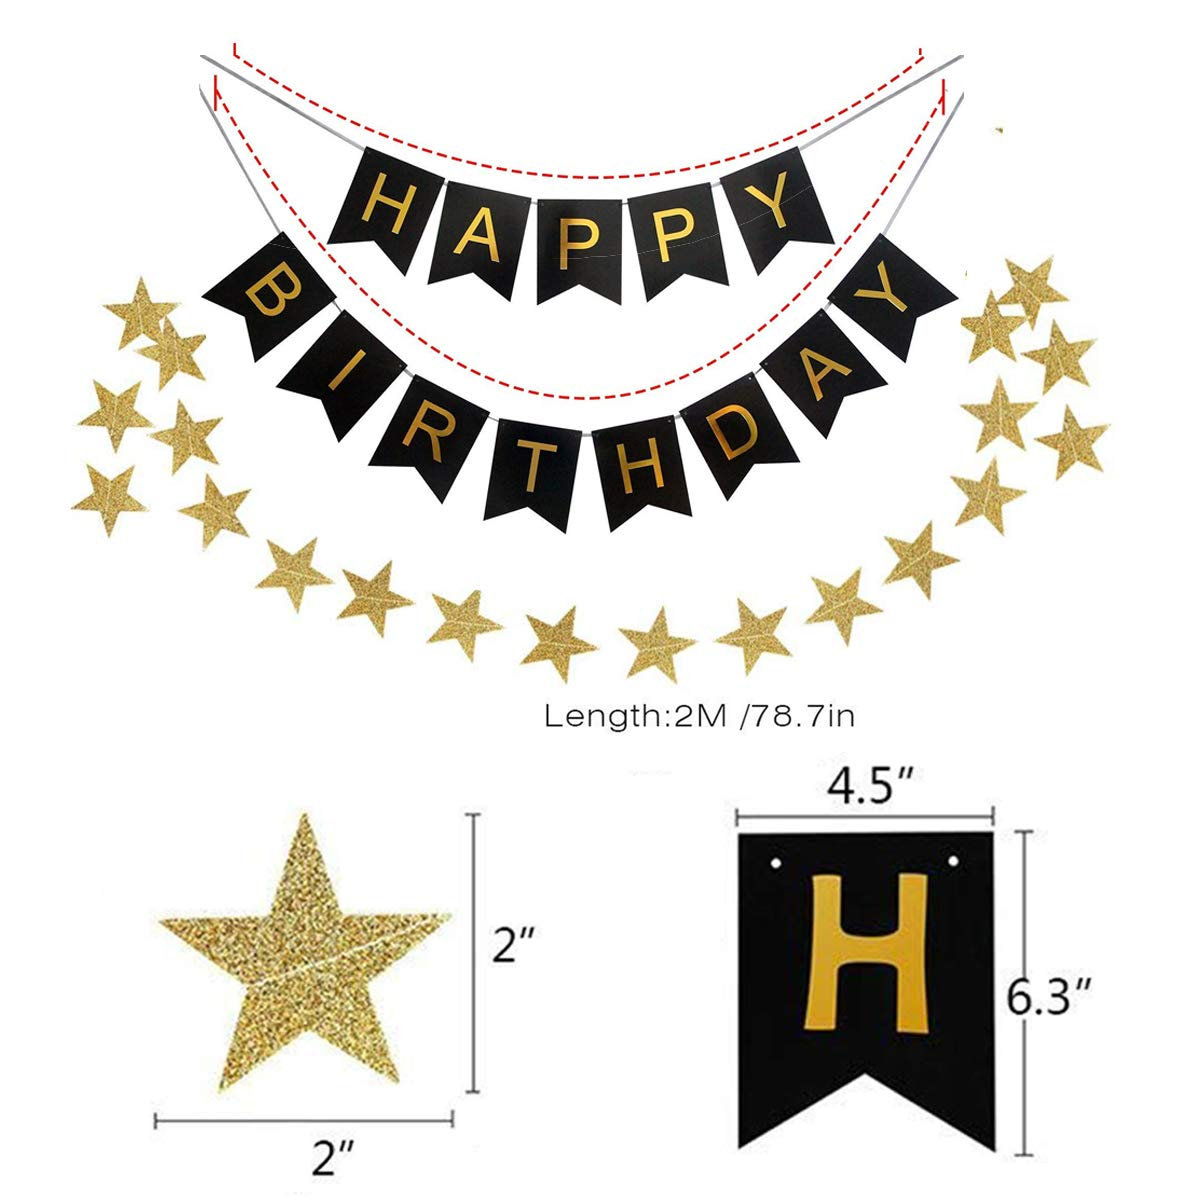 """Kit Decorazione Festa di Compleanno Ideale per Decorazioni di Party Confezione di 30 Palloncini 1 Stella Arcobaleno Bandierine di Buon Compleanno /""""Happy Birthday/"""" Set di 9 Pompon a fiore"""